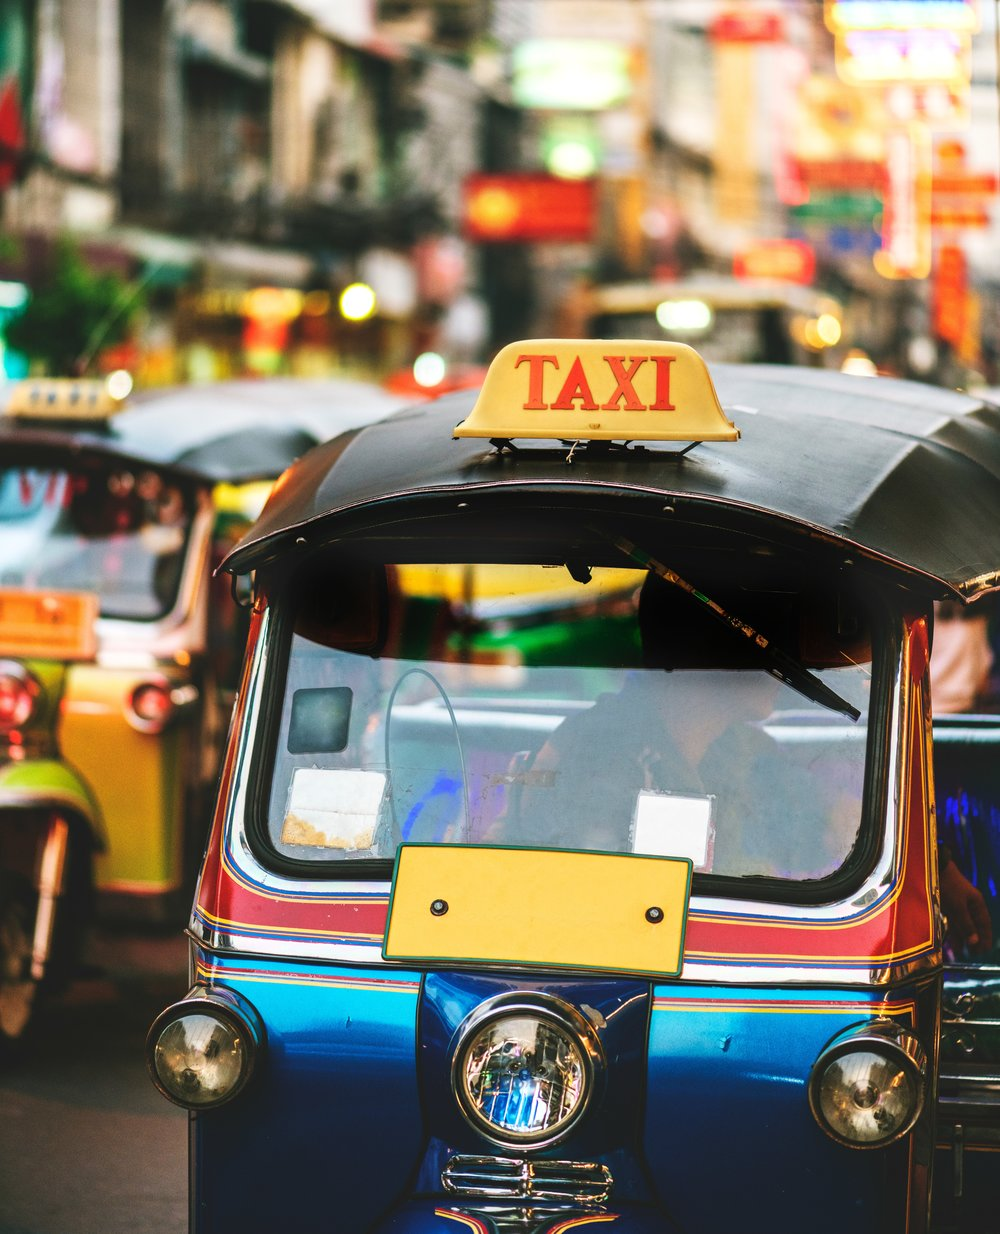 asian-bangkok-blurred-background-1376967.jpg